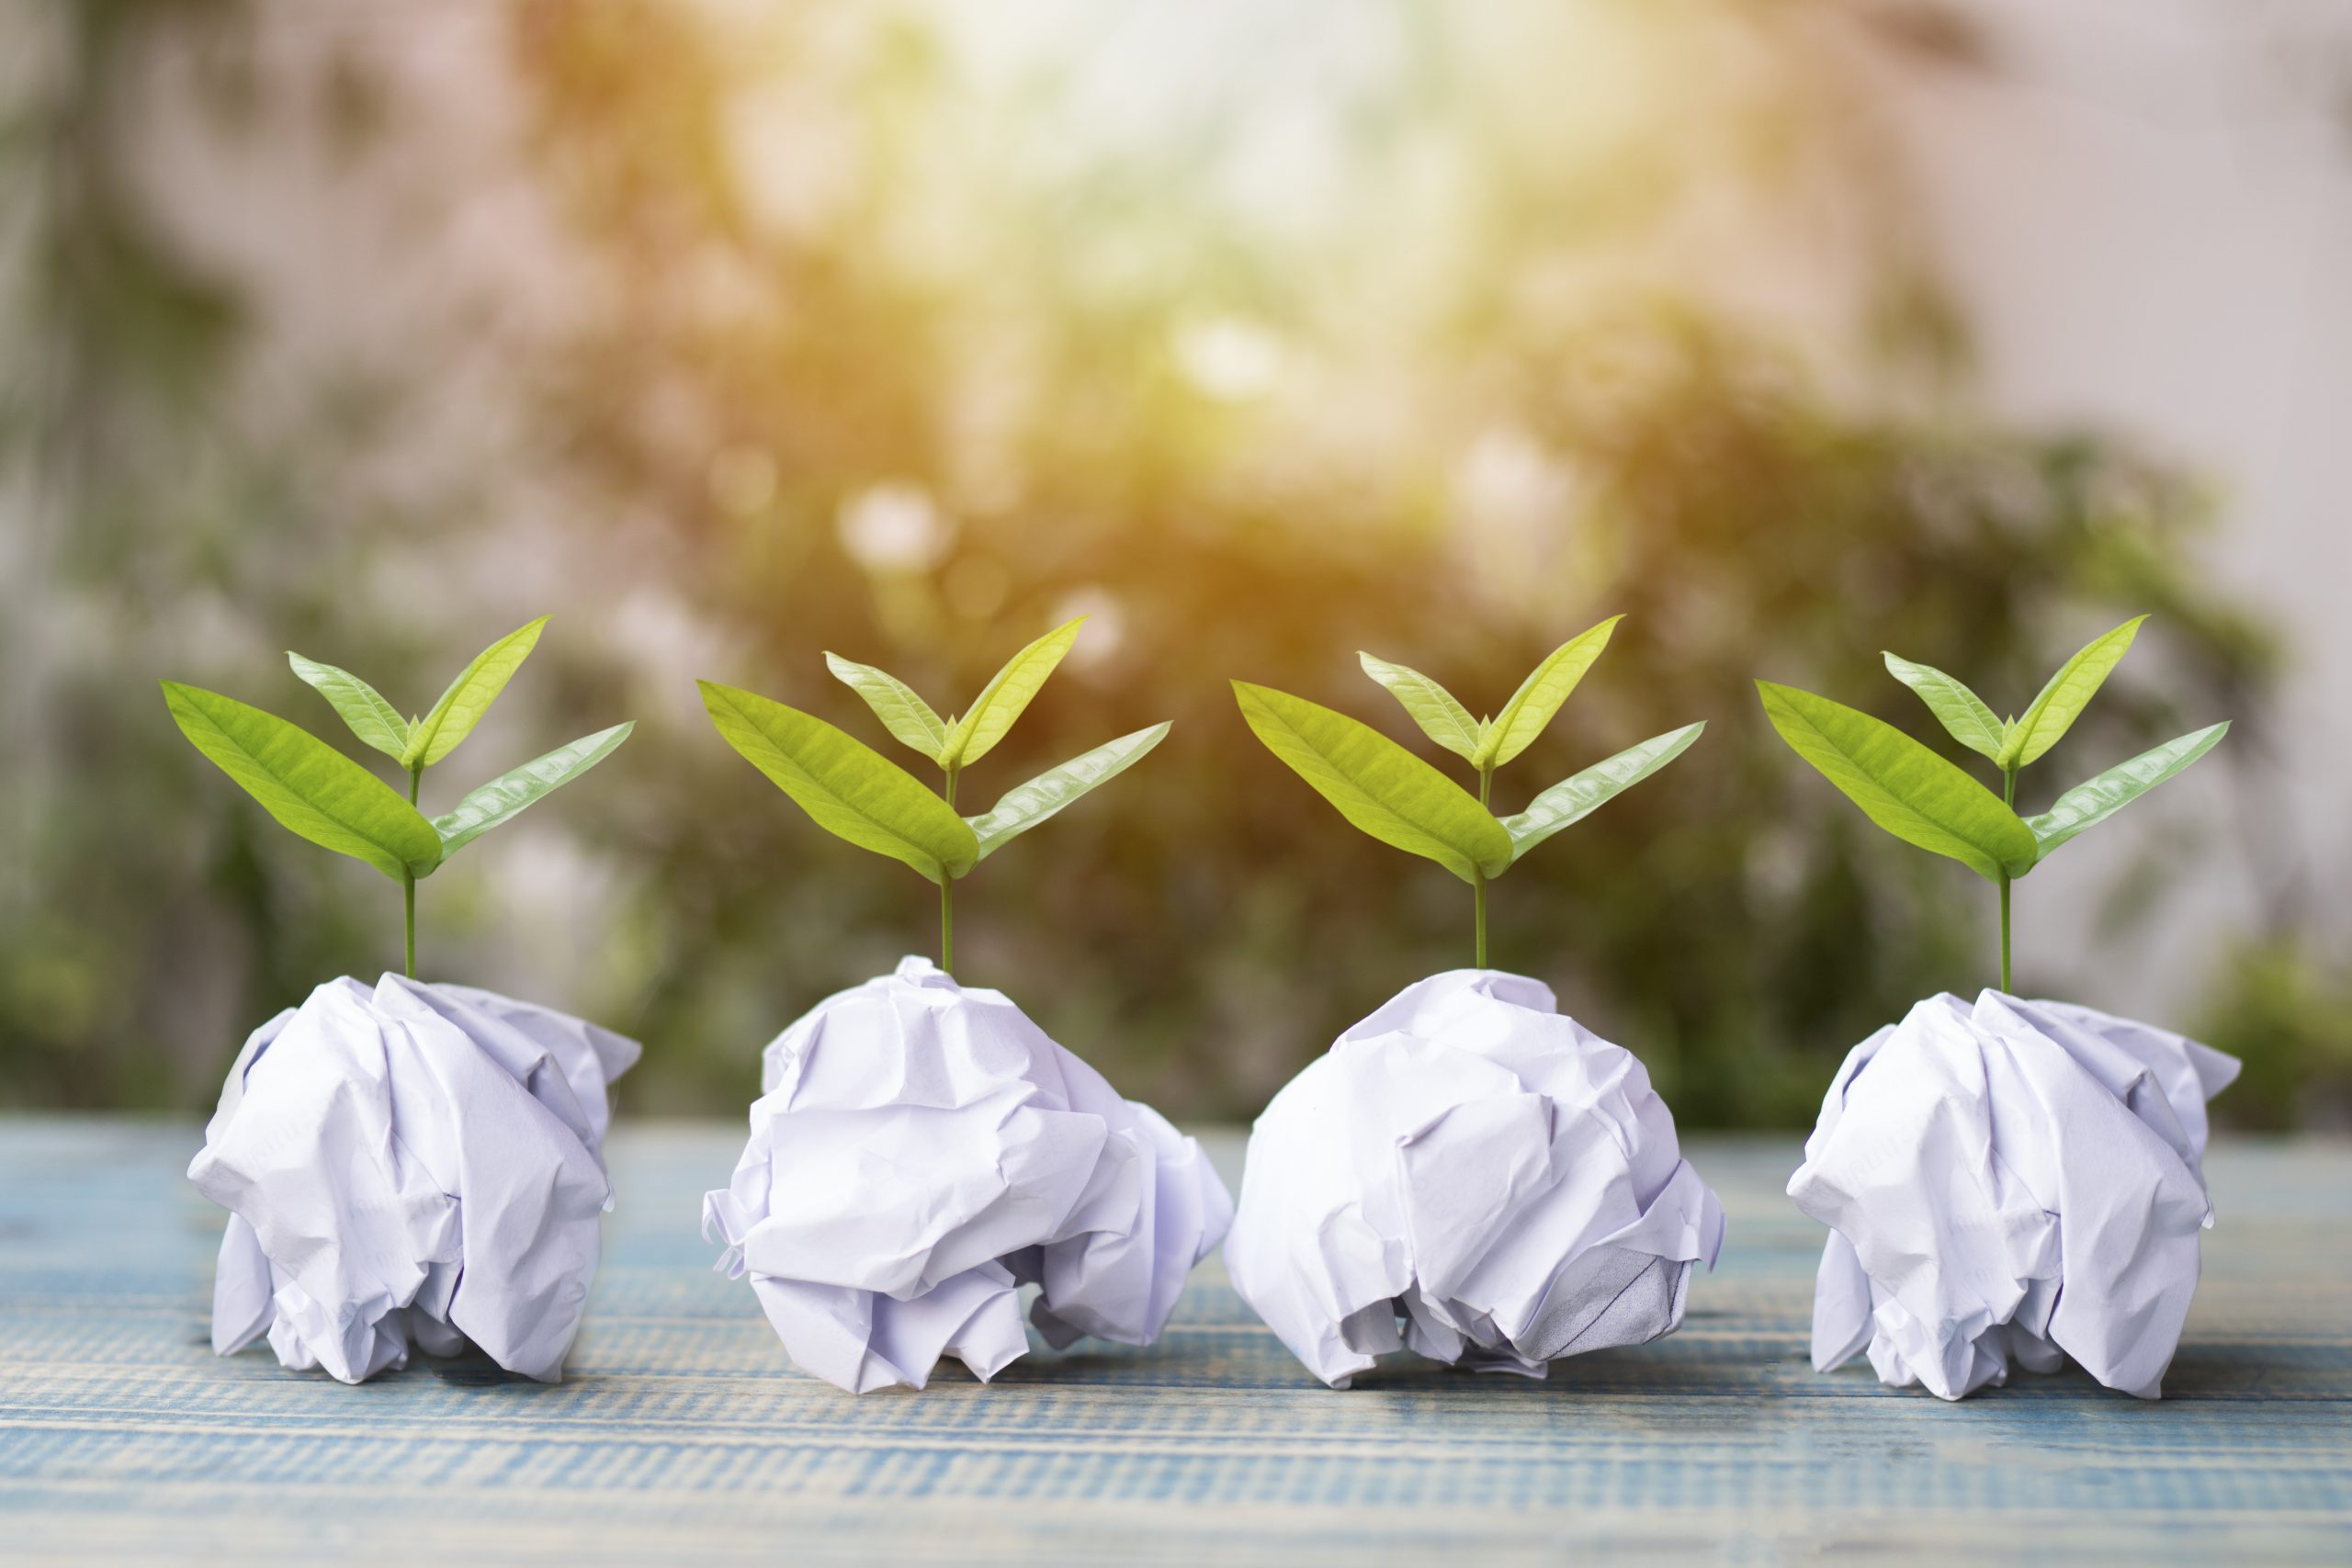 Vier kleine Bäume wachsen aus Papierball